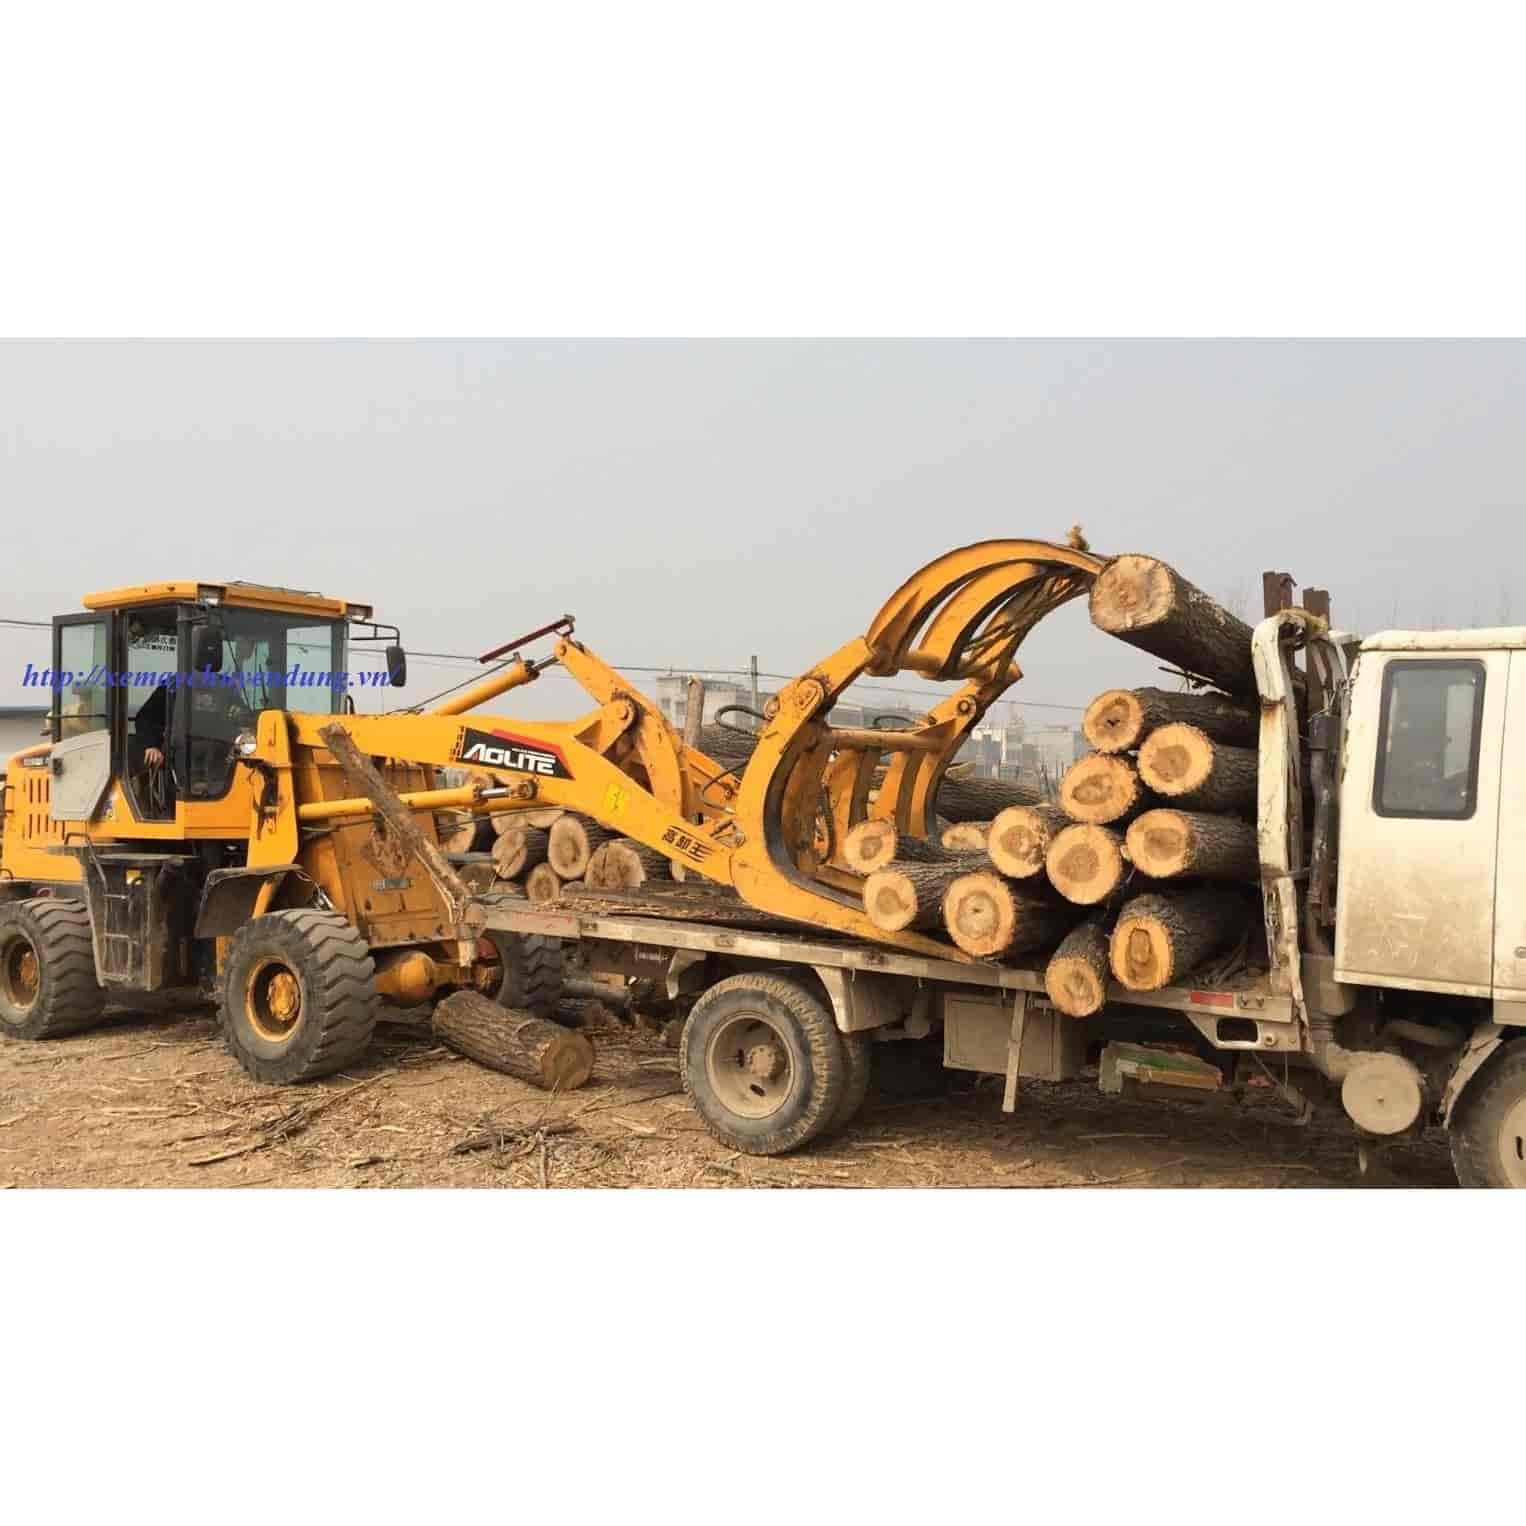 Máy Gắp gỗ, mía, quế; kẹp gỗ, mía, quế MR926 cần dài 4,6m